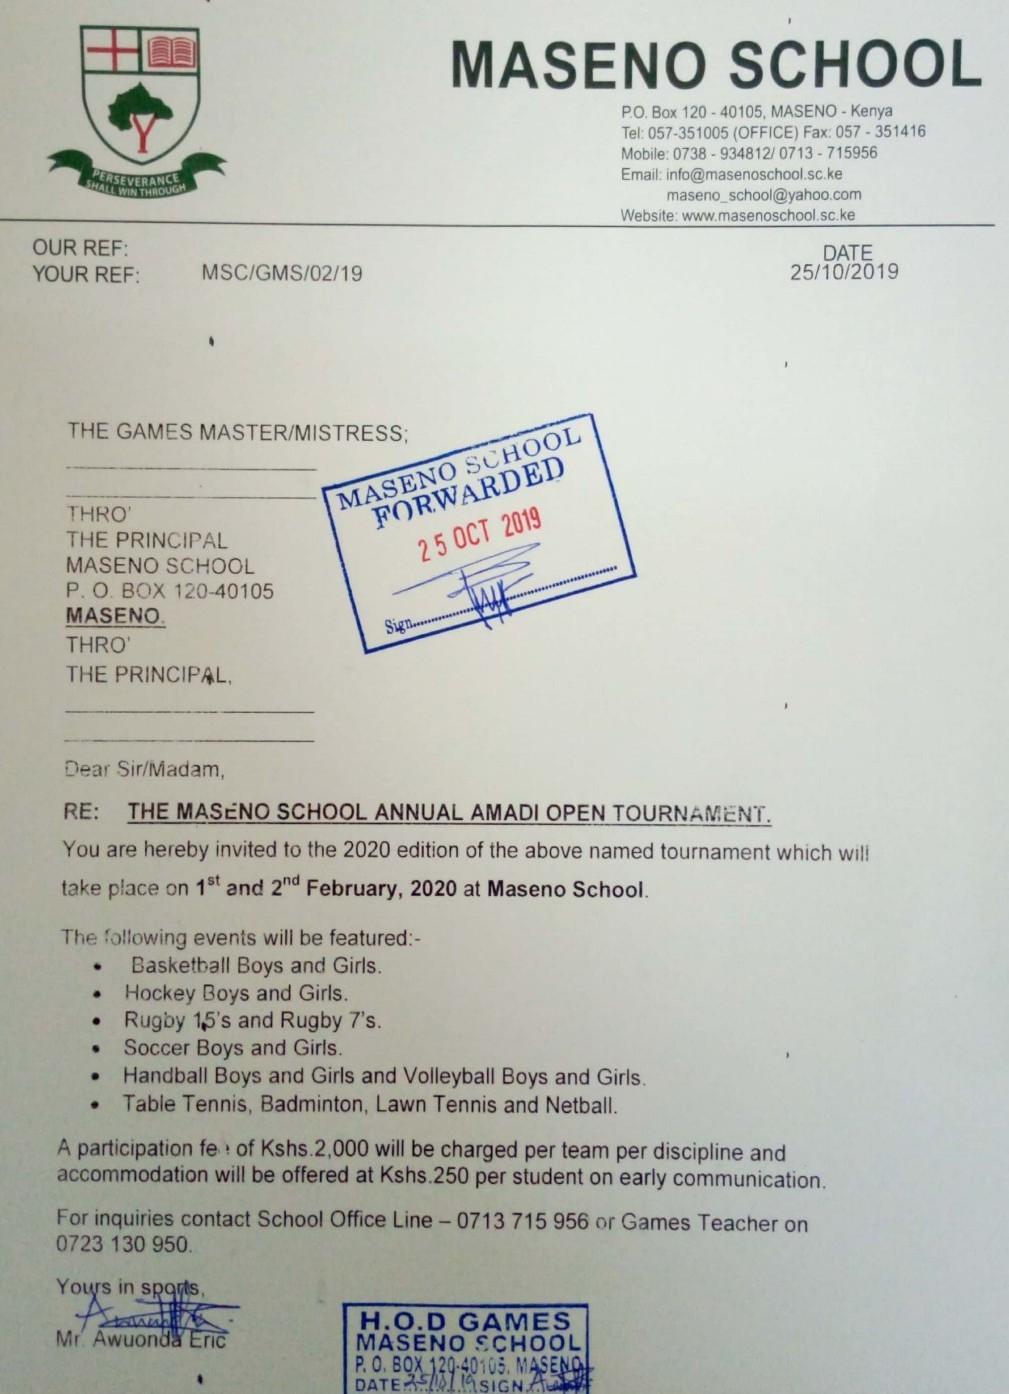 The Maseno School 2020 sports tournament invitation letter.